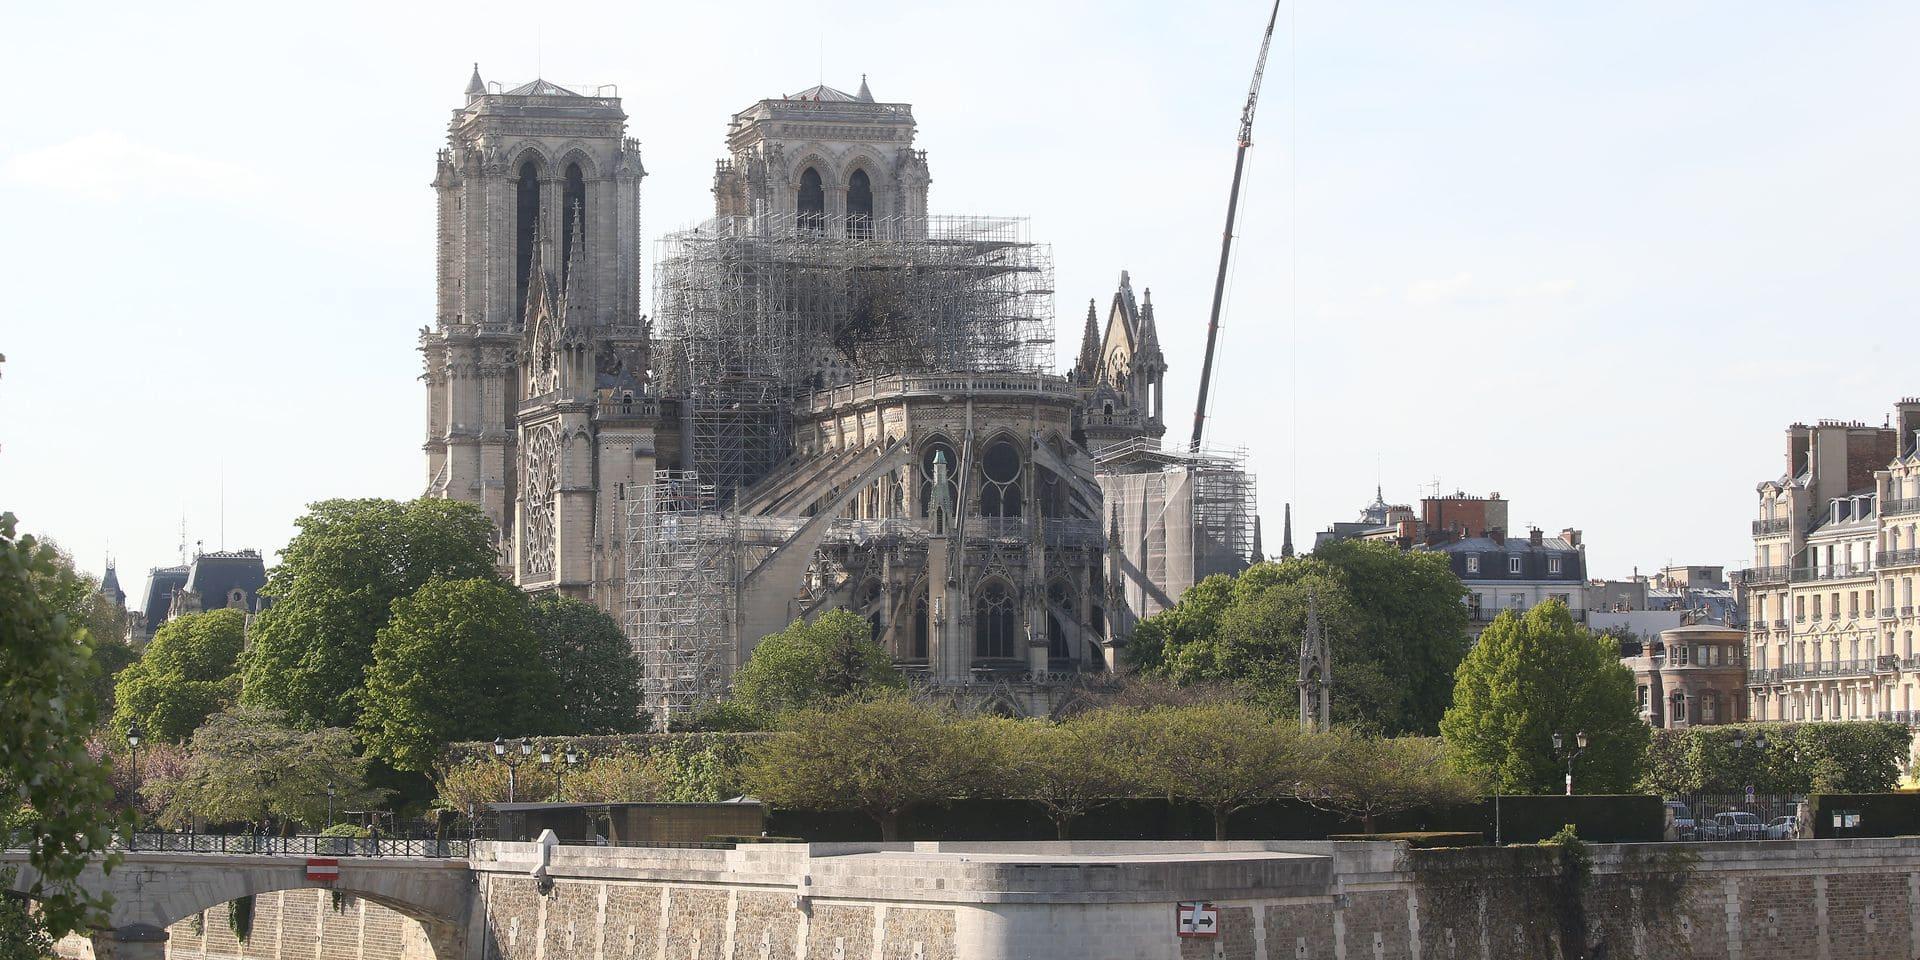 Notre-Dame: cette entreprise a trouvé une astuce surprenante pour la reconstruction qui pourrait mettre tout le monde d'accord...